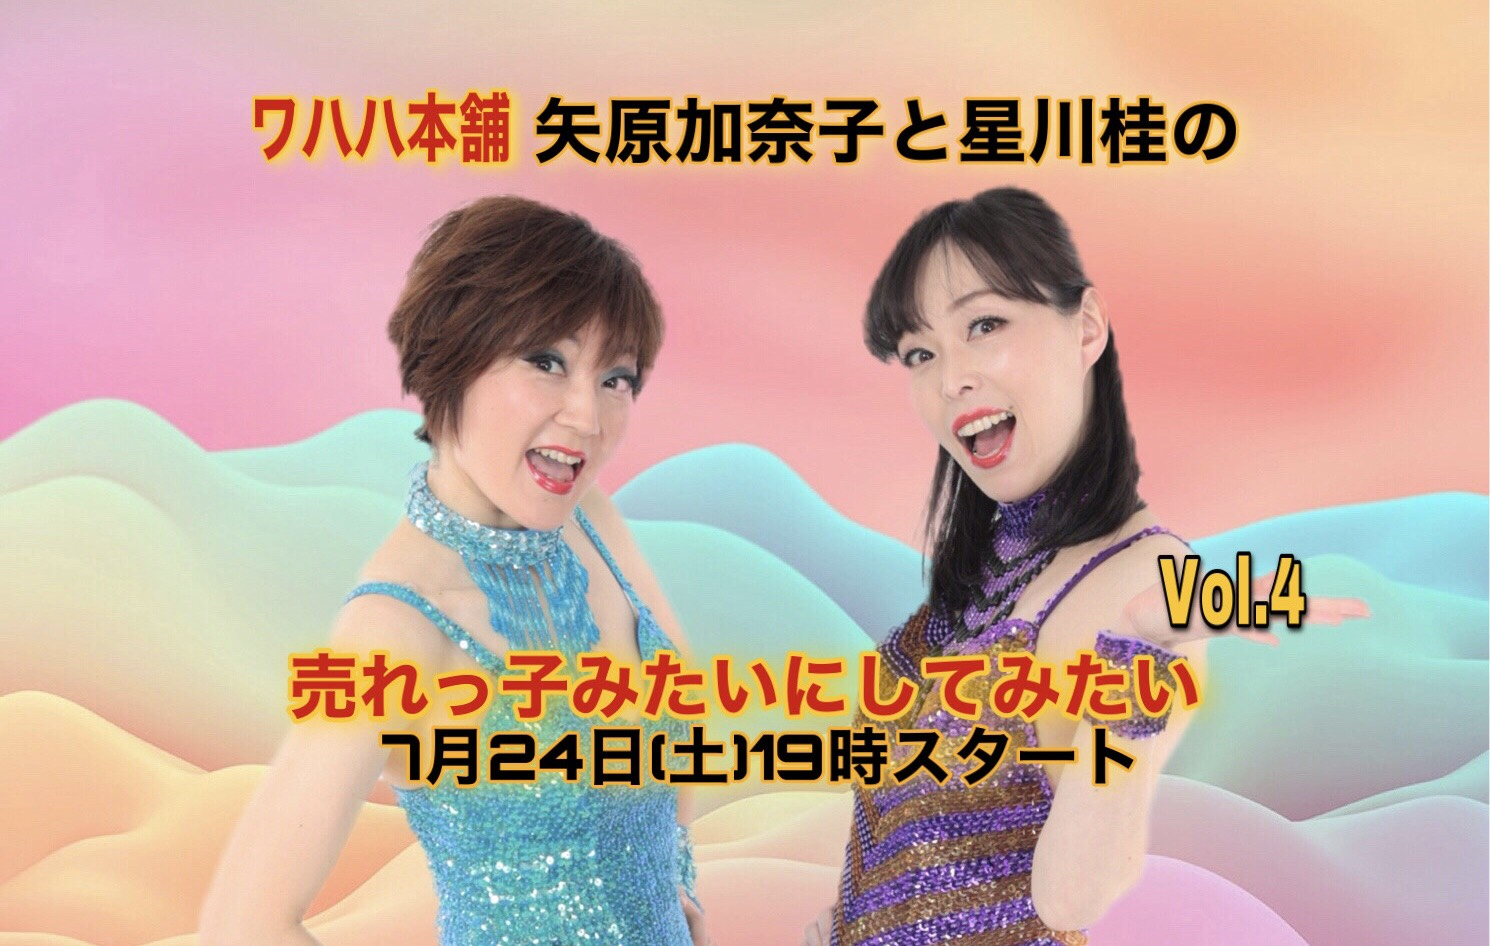 配信イベント ワハハ本舗 「矢原加奈子と星川桂の売れっ子みたいにしてみたい VOL.4」 画像1